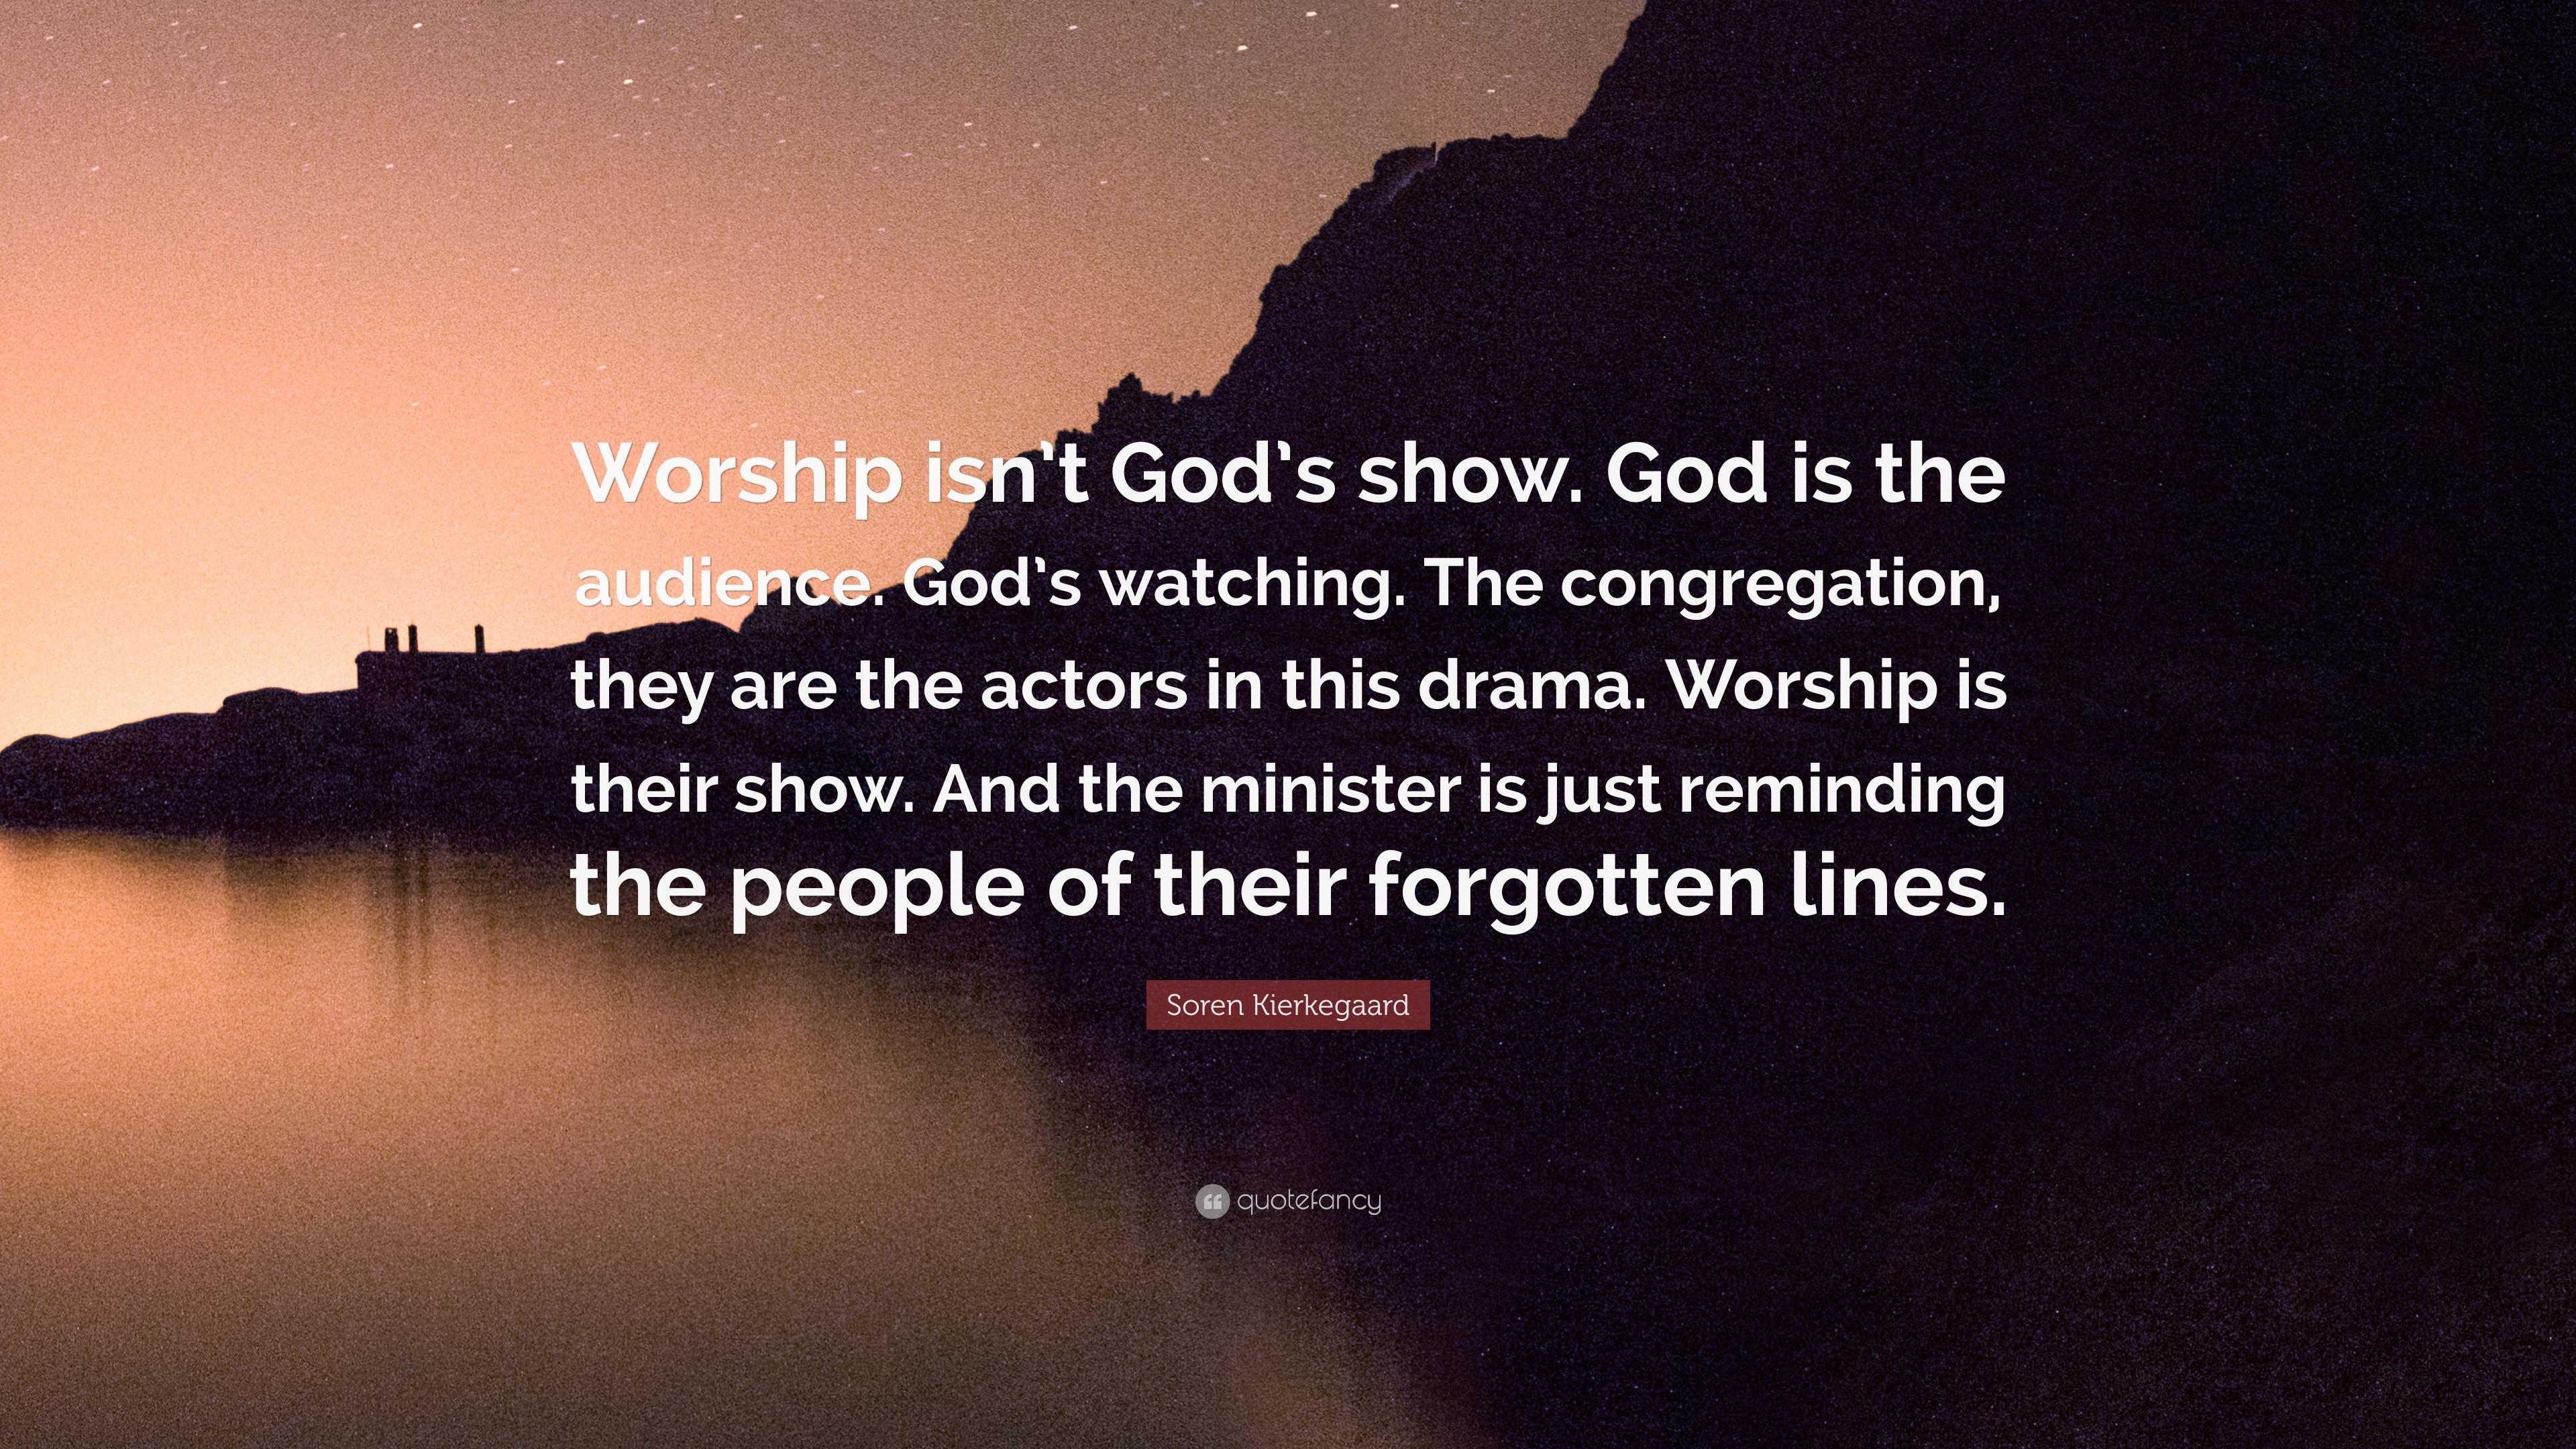 """Soren Kierkegaard Quotes 100 Wallpapers: Soren Kierkegaard Quote: """"Worship Isn't God's Show. God Is"""